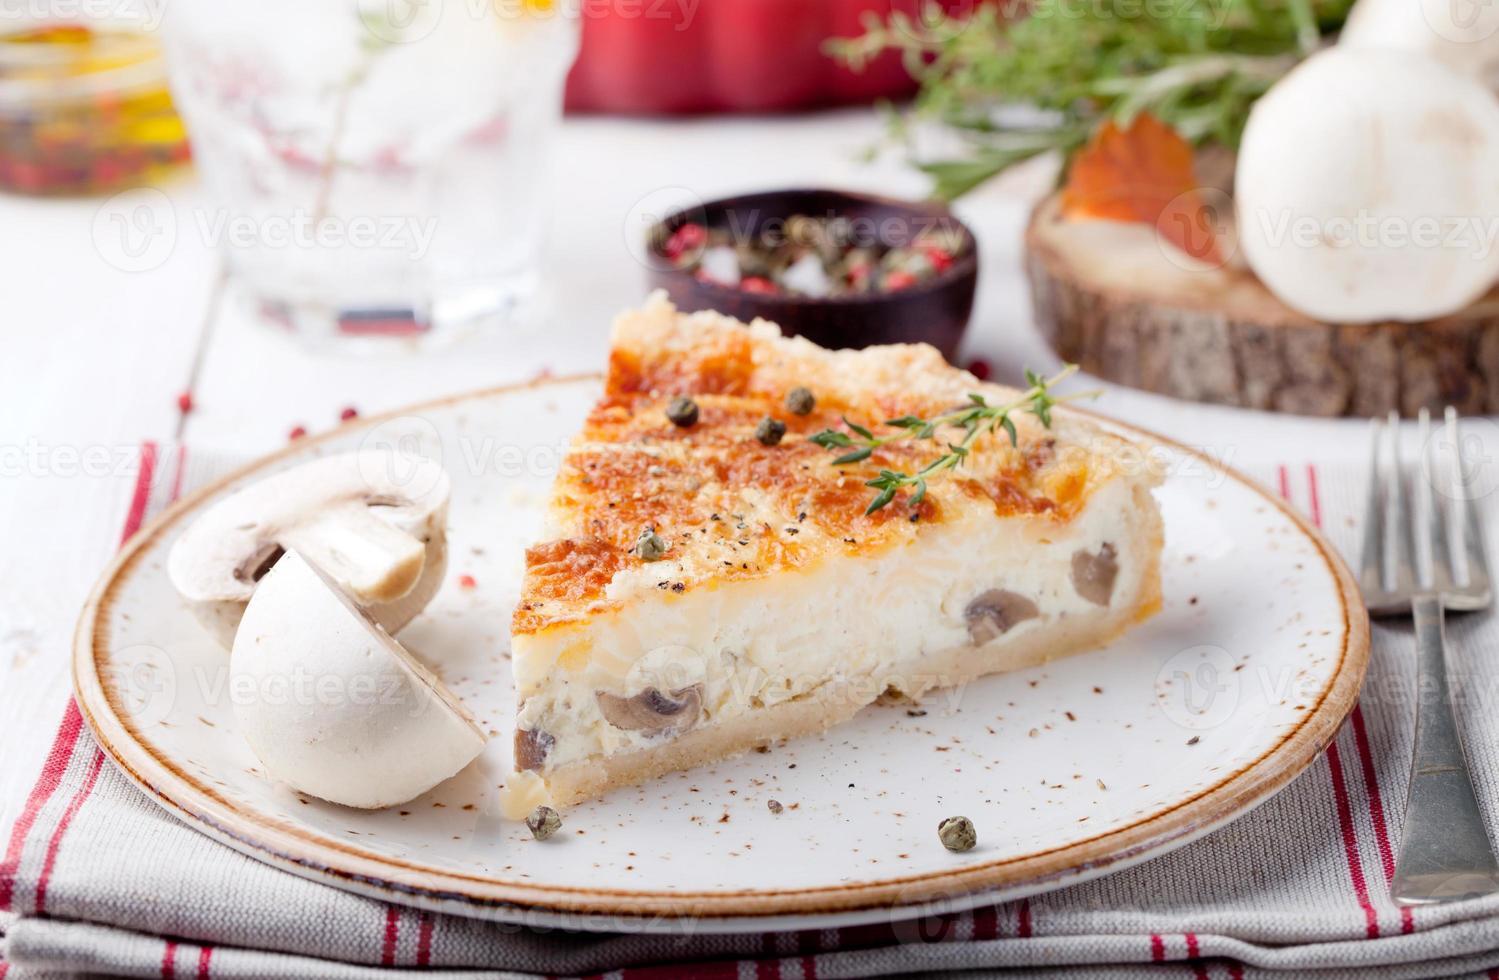 Mushroom, champignon pie, quiche slice on a ceramic plate photo